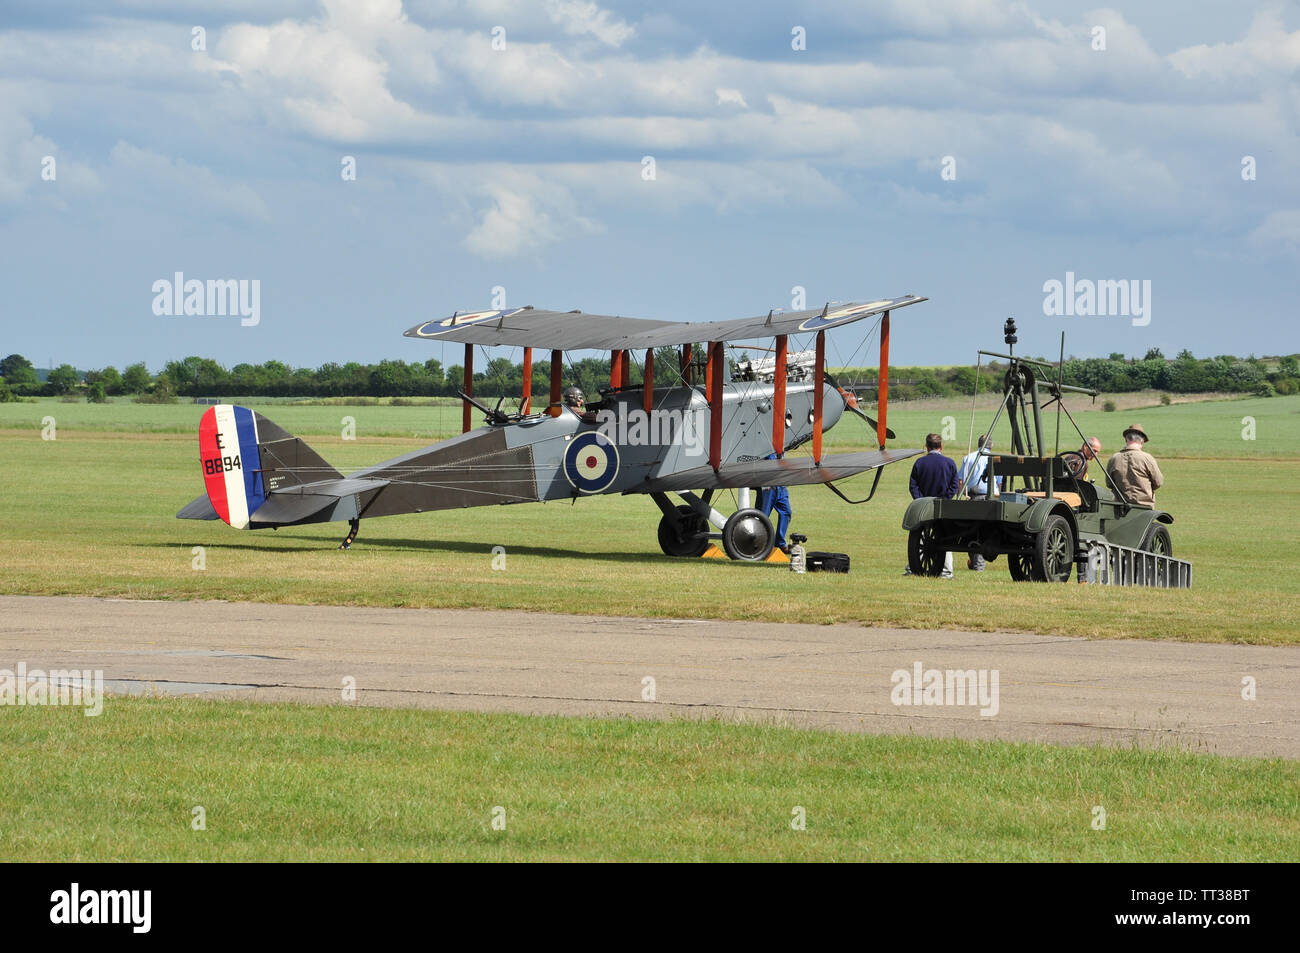 Airco / De Havilland DH-9 (E-8894), Duxford, Cambridgeshire, England, UK. - Stock Image